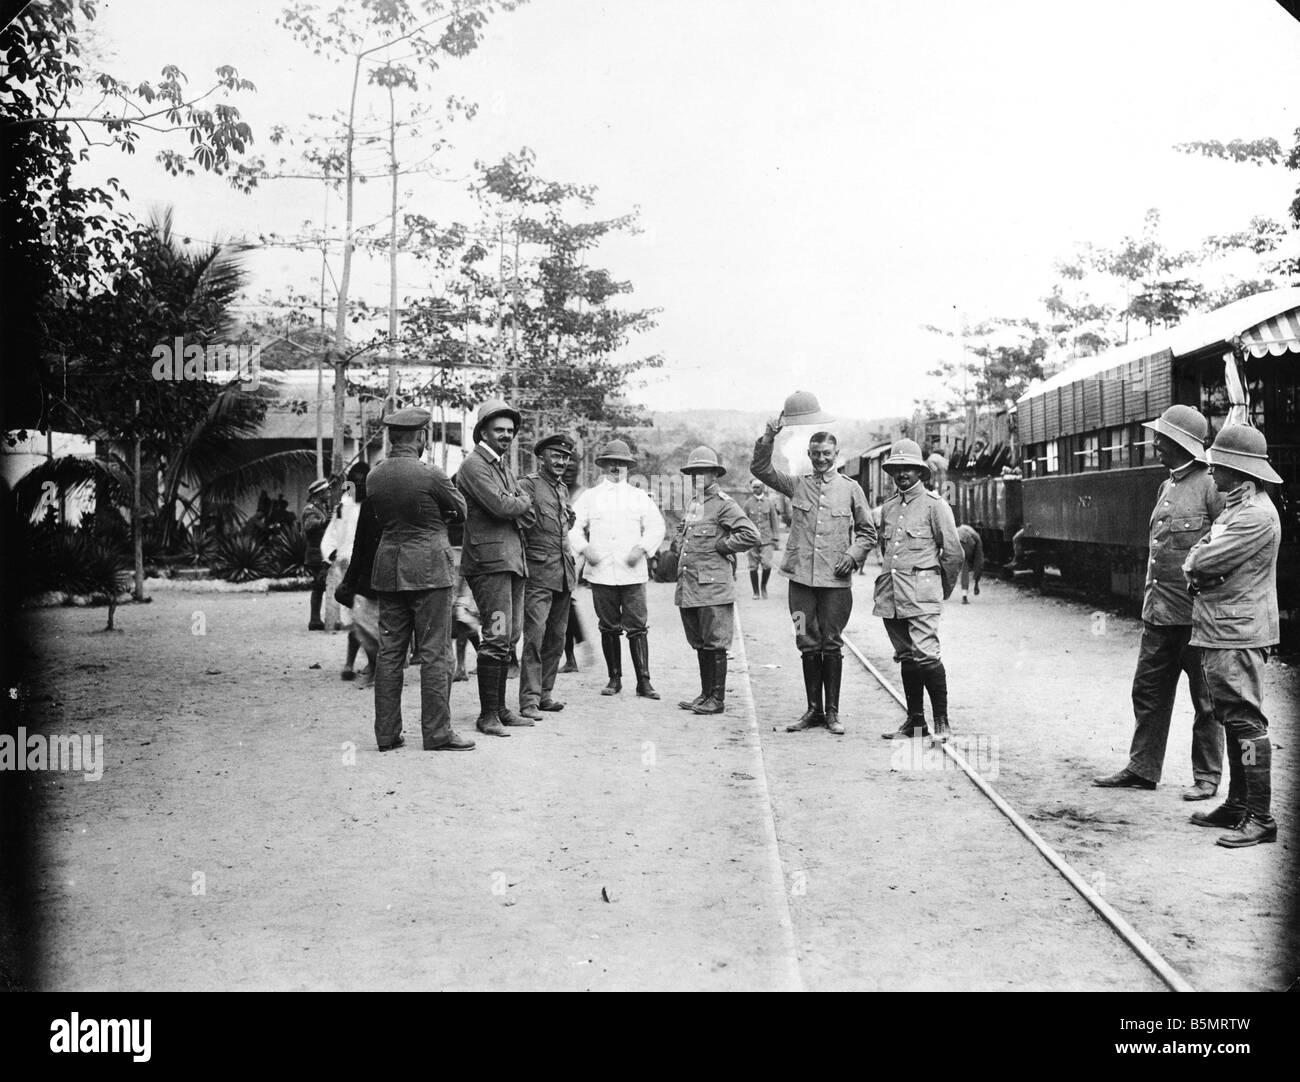 9AF 1914 0 0 A4 3 Station en Afrique orientale allemande Photo World War I la guerre dans les colonies de l'Afrique orientale allemande soldats aujourd'hui la Tanzanie Banque D'Images